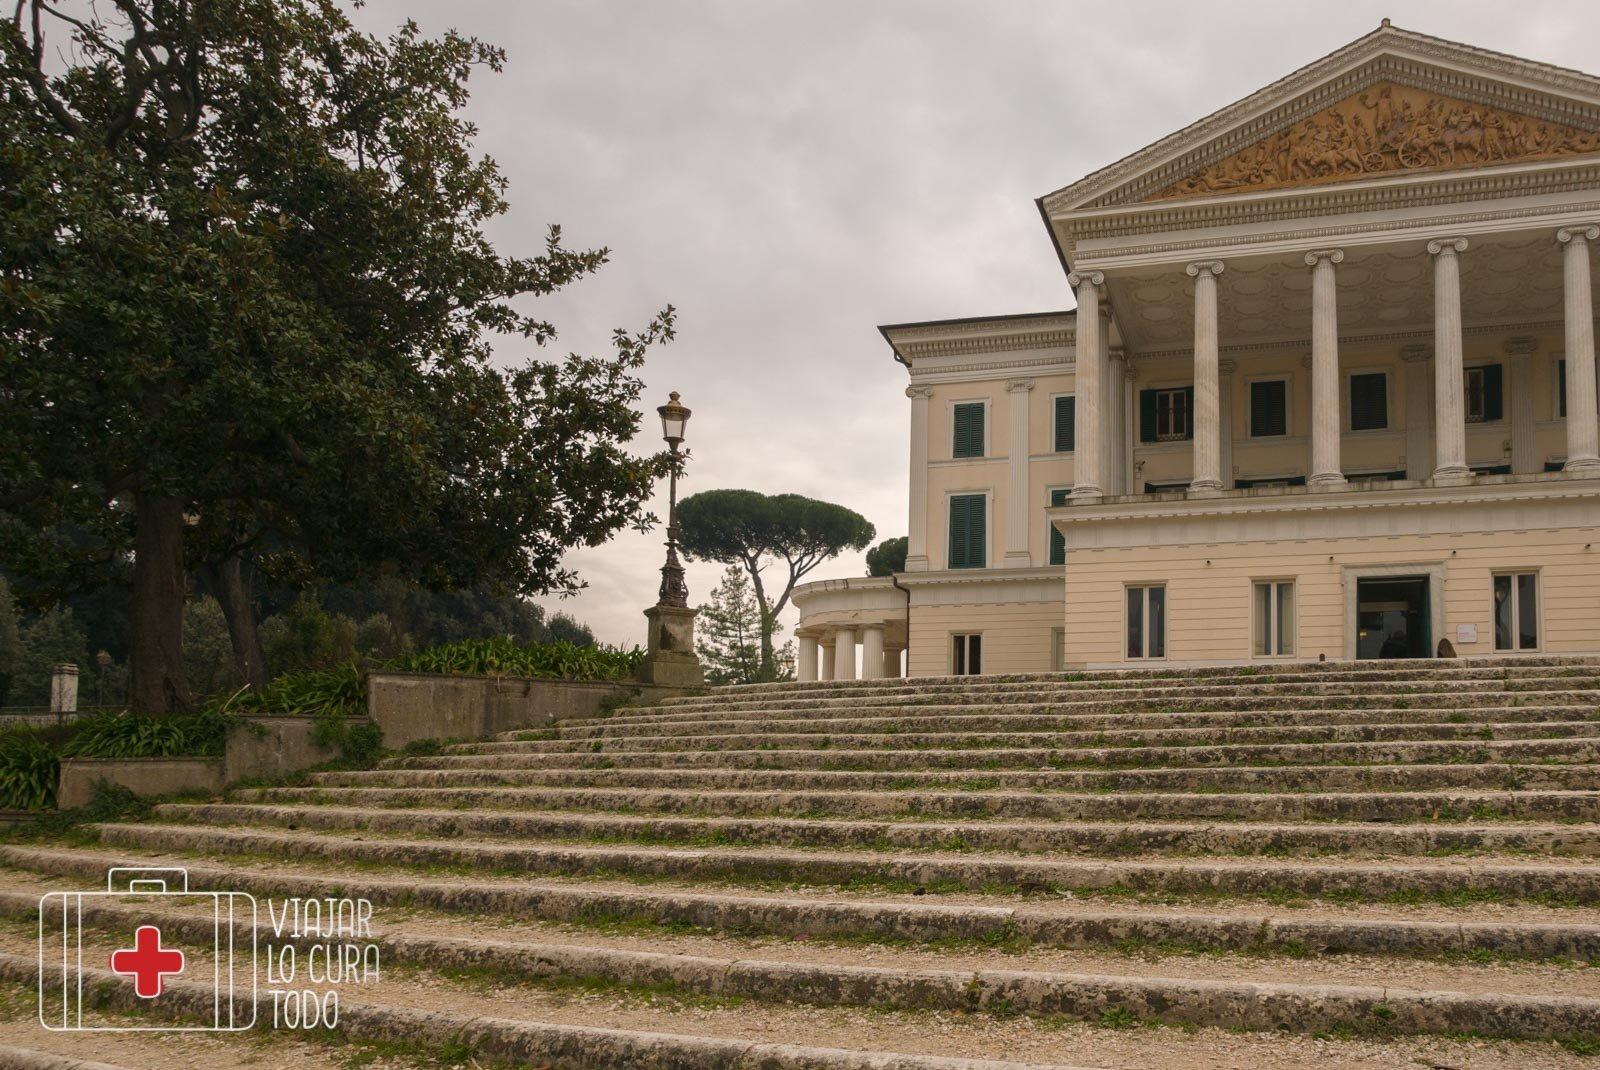 Villa Torlonia, testigo del pasado